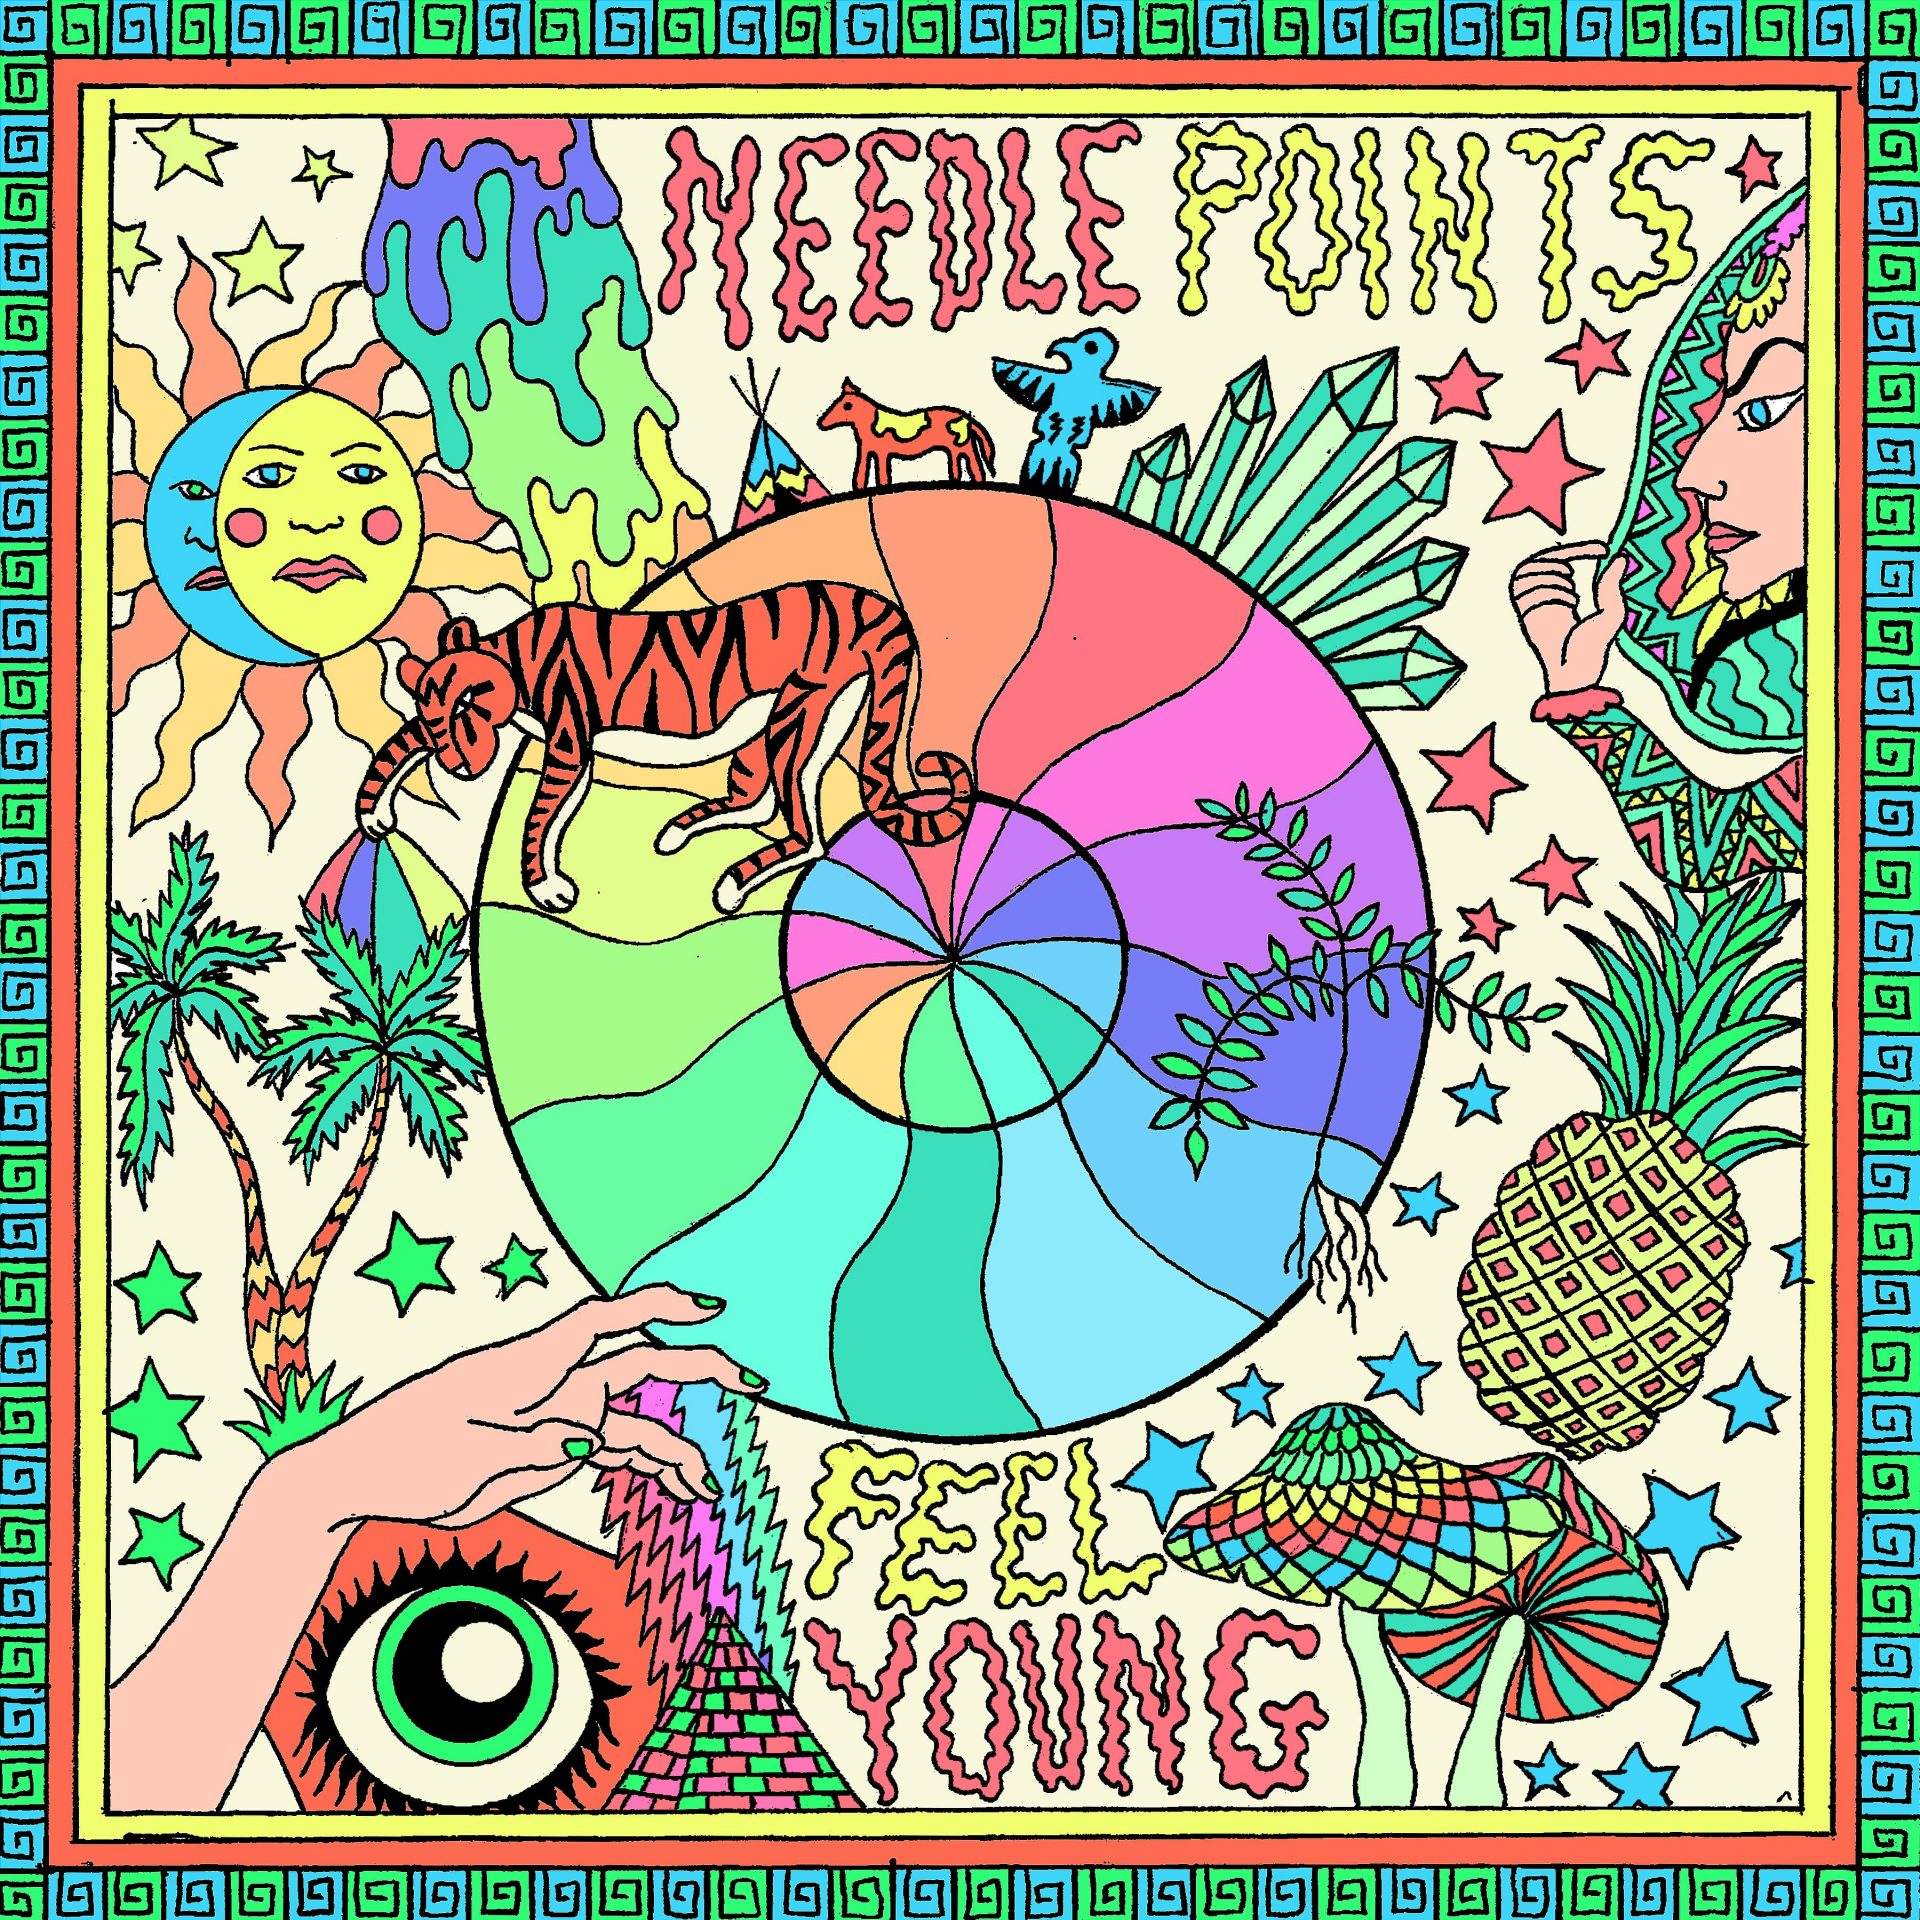 needle points